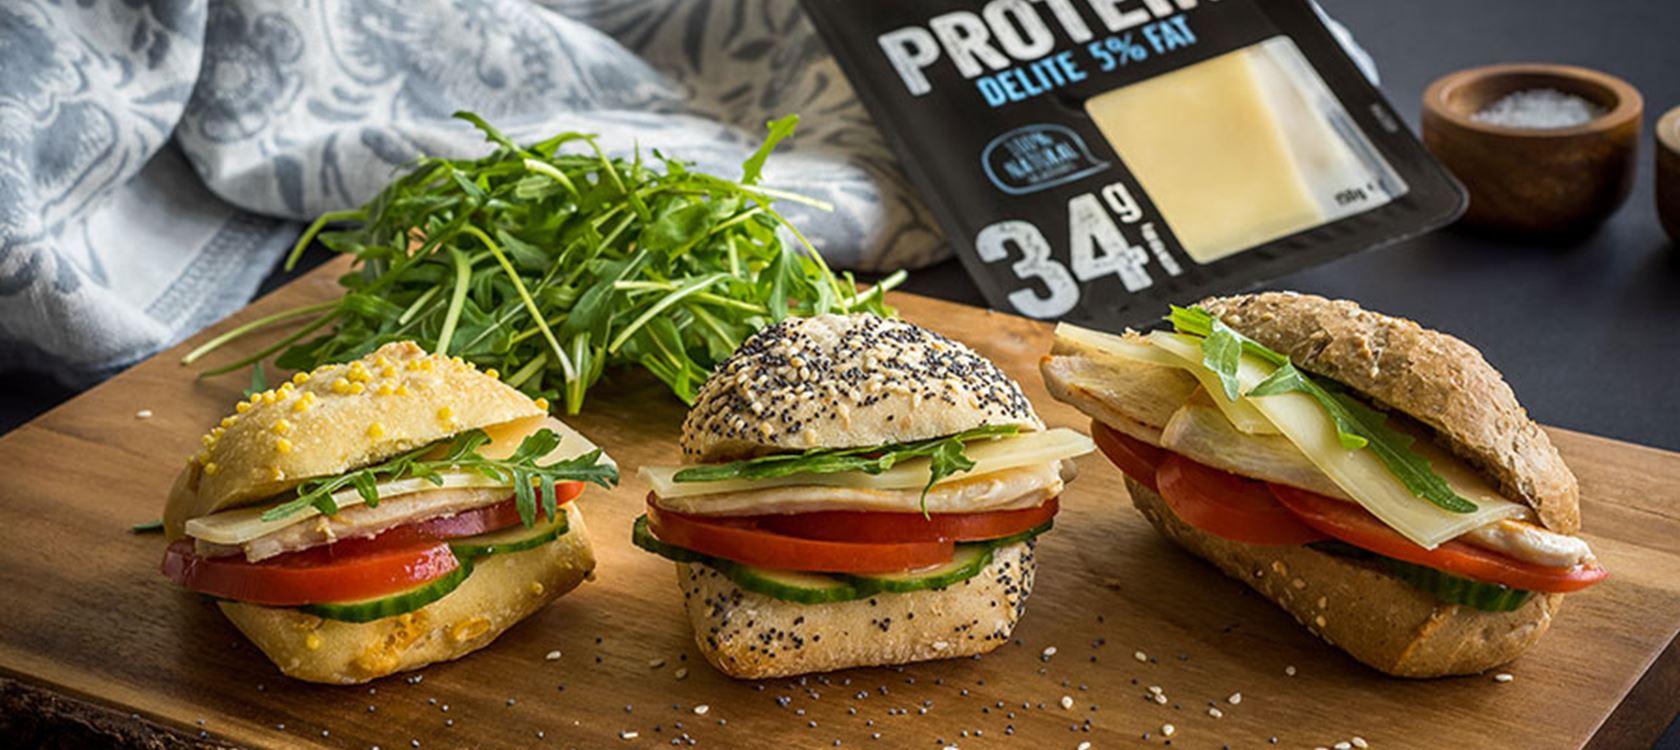 Μικρά sandwiches με κοτόπουλο και Arla Protein Delite 5%